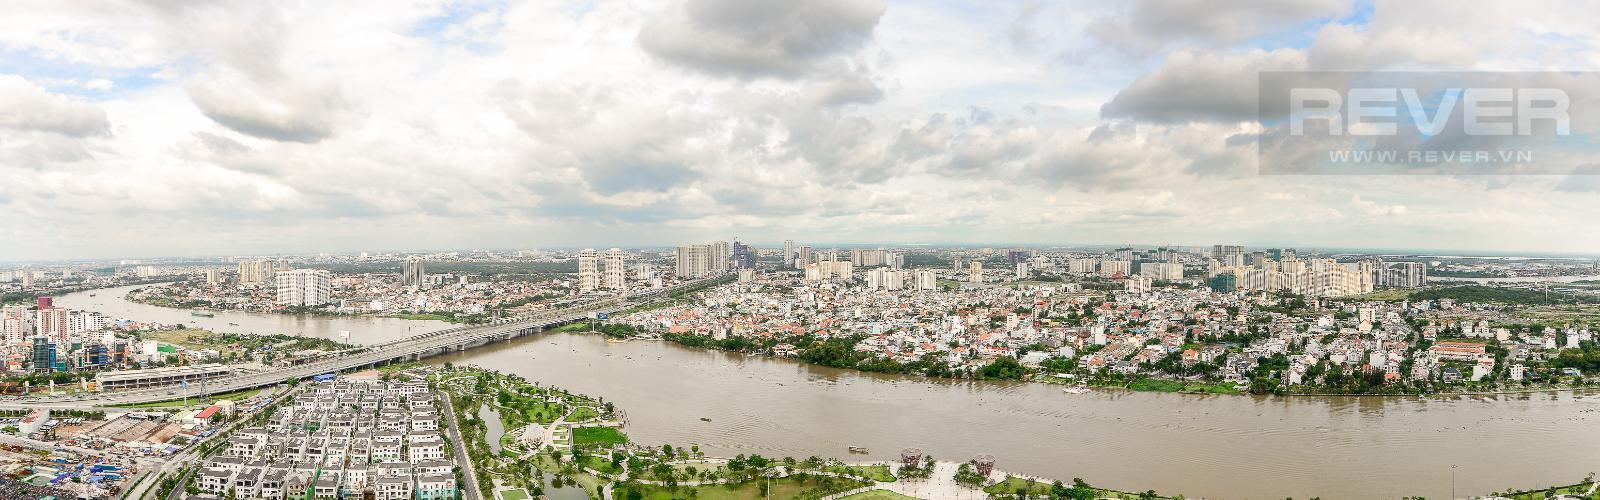 brrvjfsuqle25xby.jpg Bán căn hộ Vinhomes Central Park tầng cao, 3PN view sông Sài Gòn